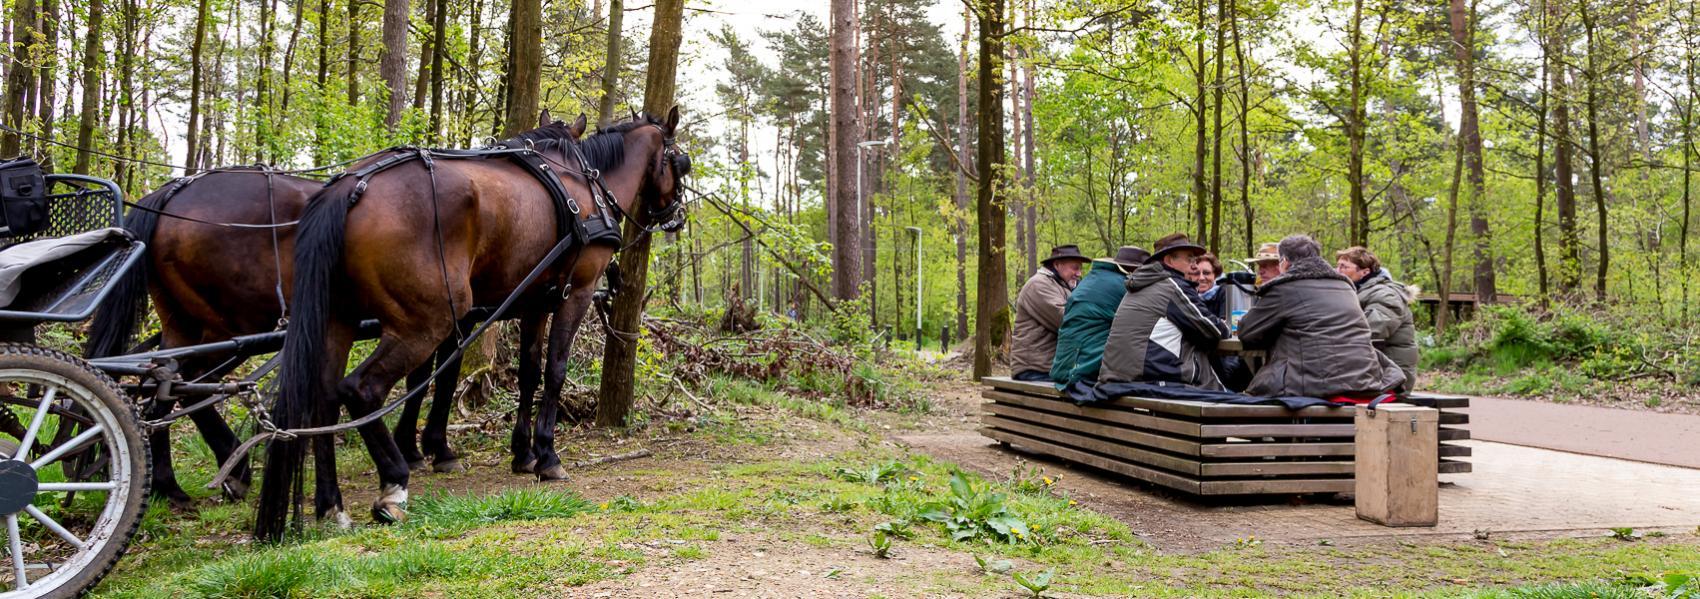 ruiters met paarden aan bank